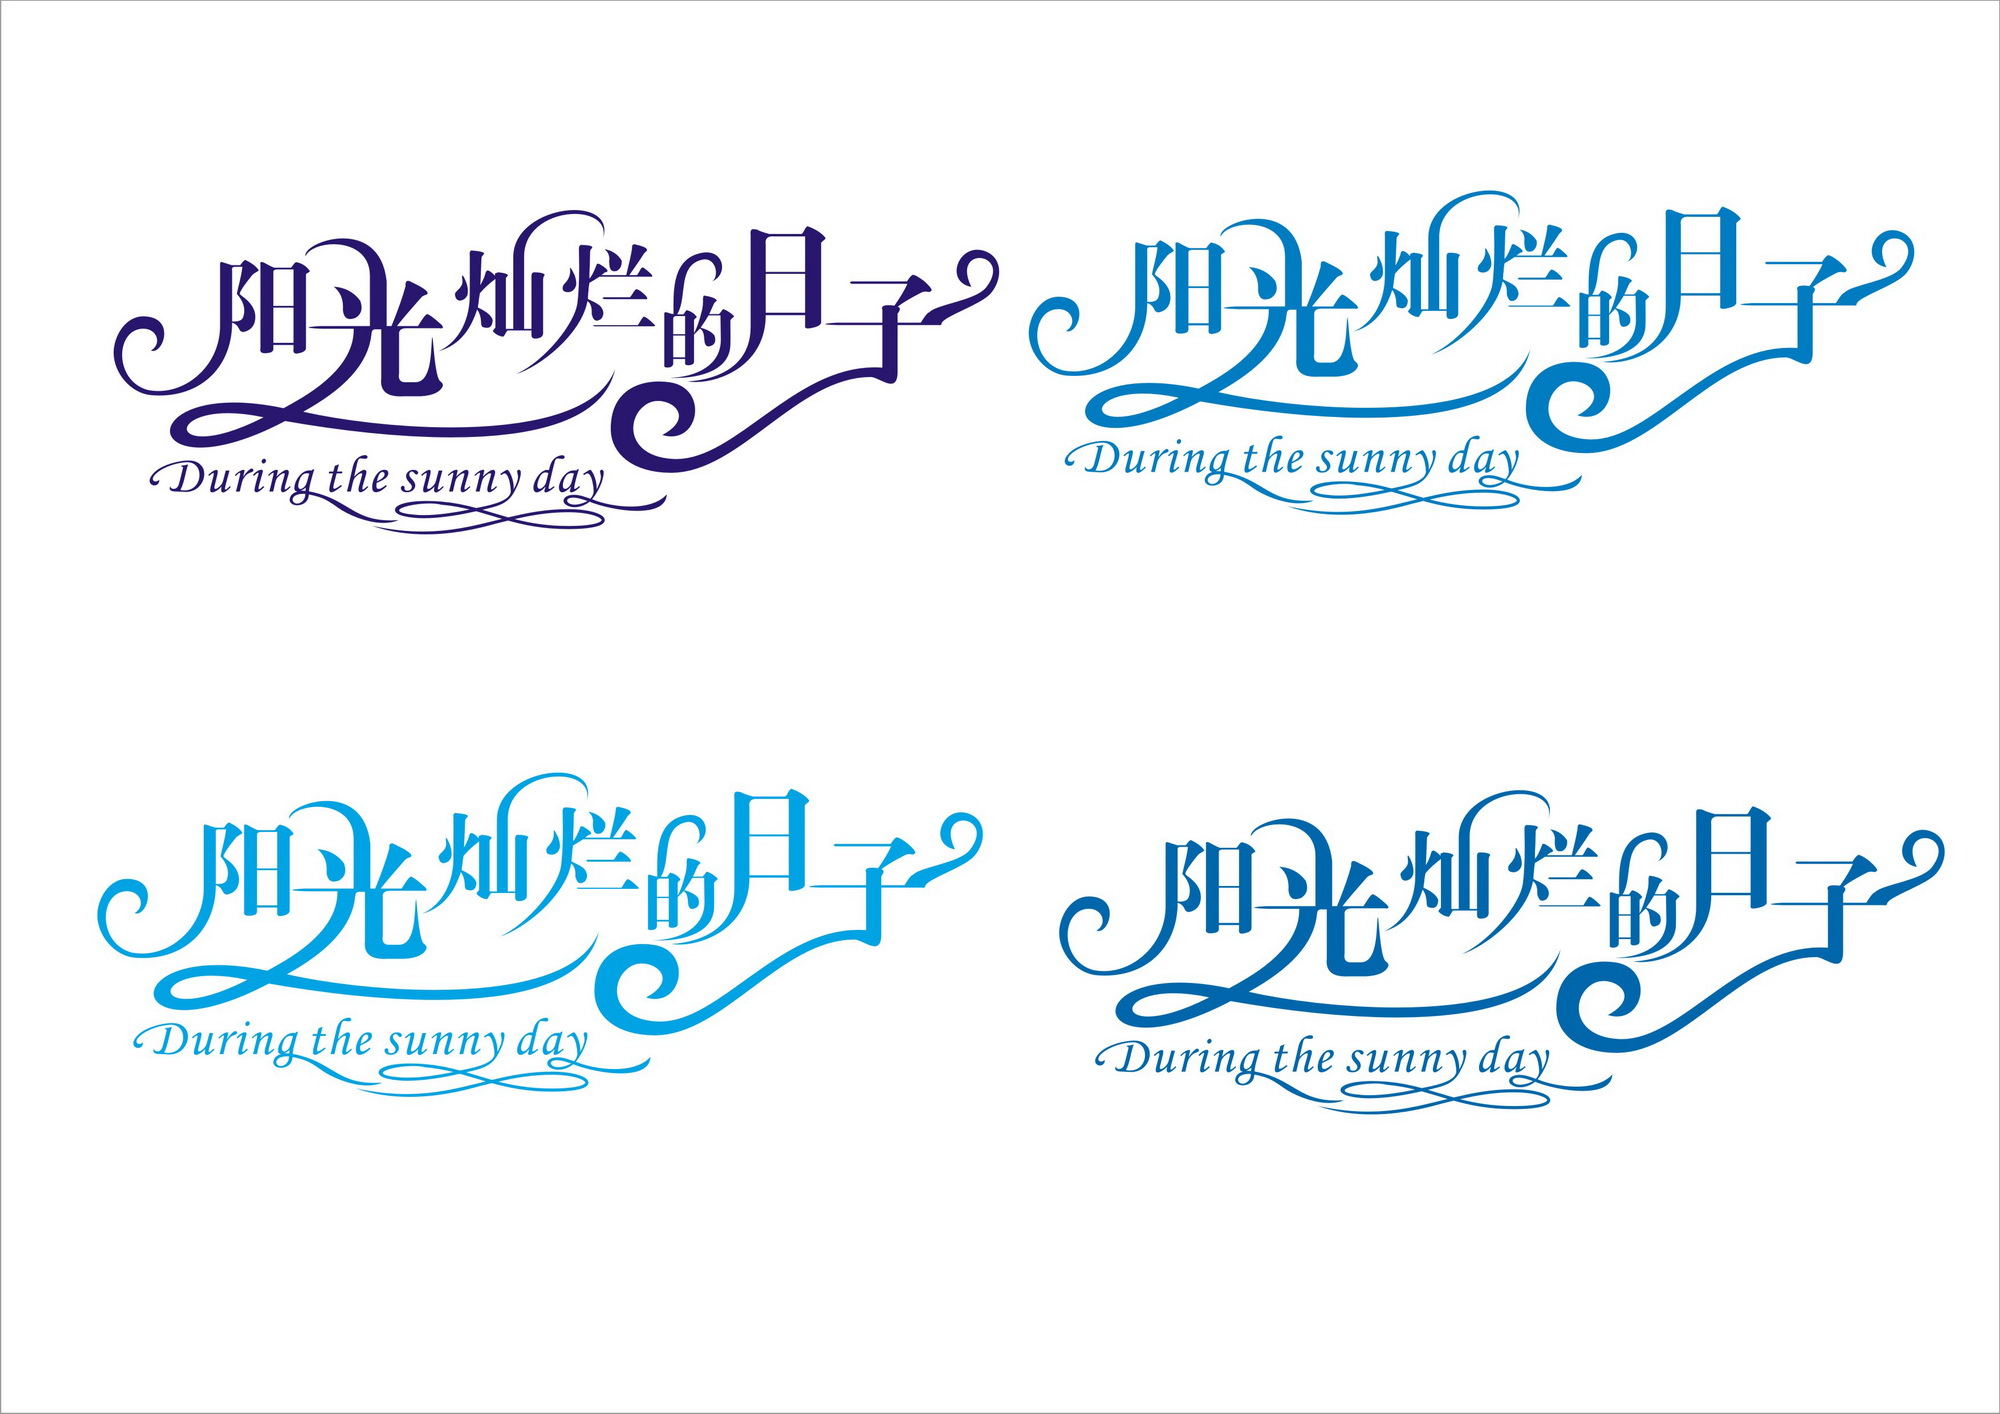 艺术字体创意设计_2182565_k68威客网